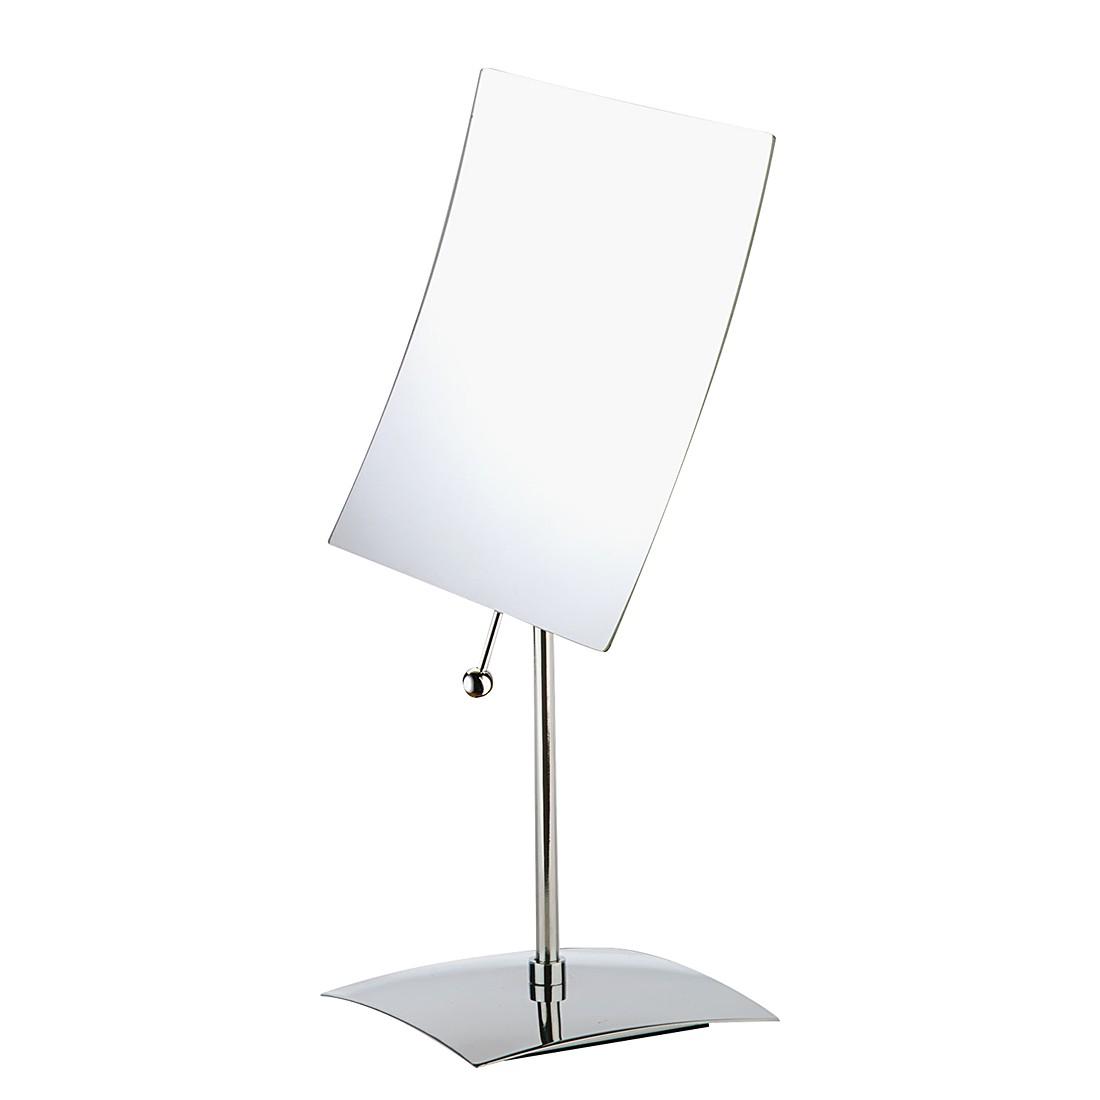 Stand-/Wandspiegel Svenja – Chrom, 5-fache Vergrößerung, Nicol-Wohnausstattungen kaufen